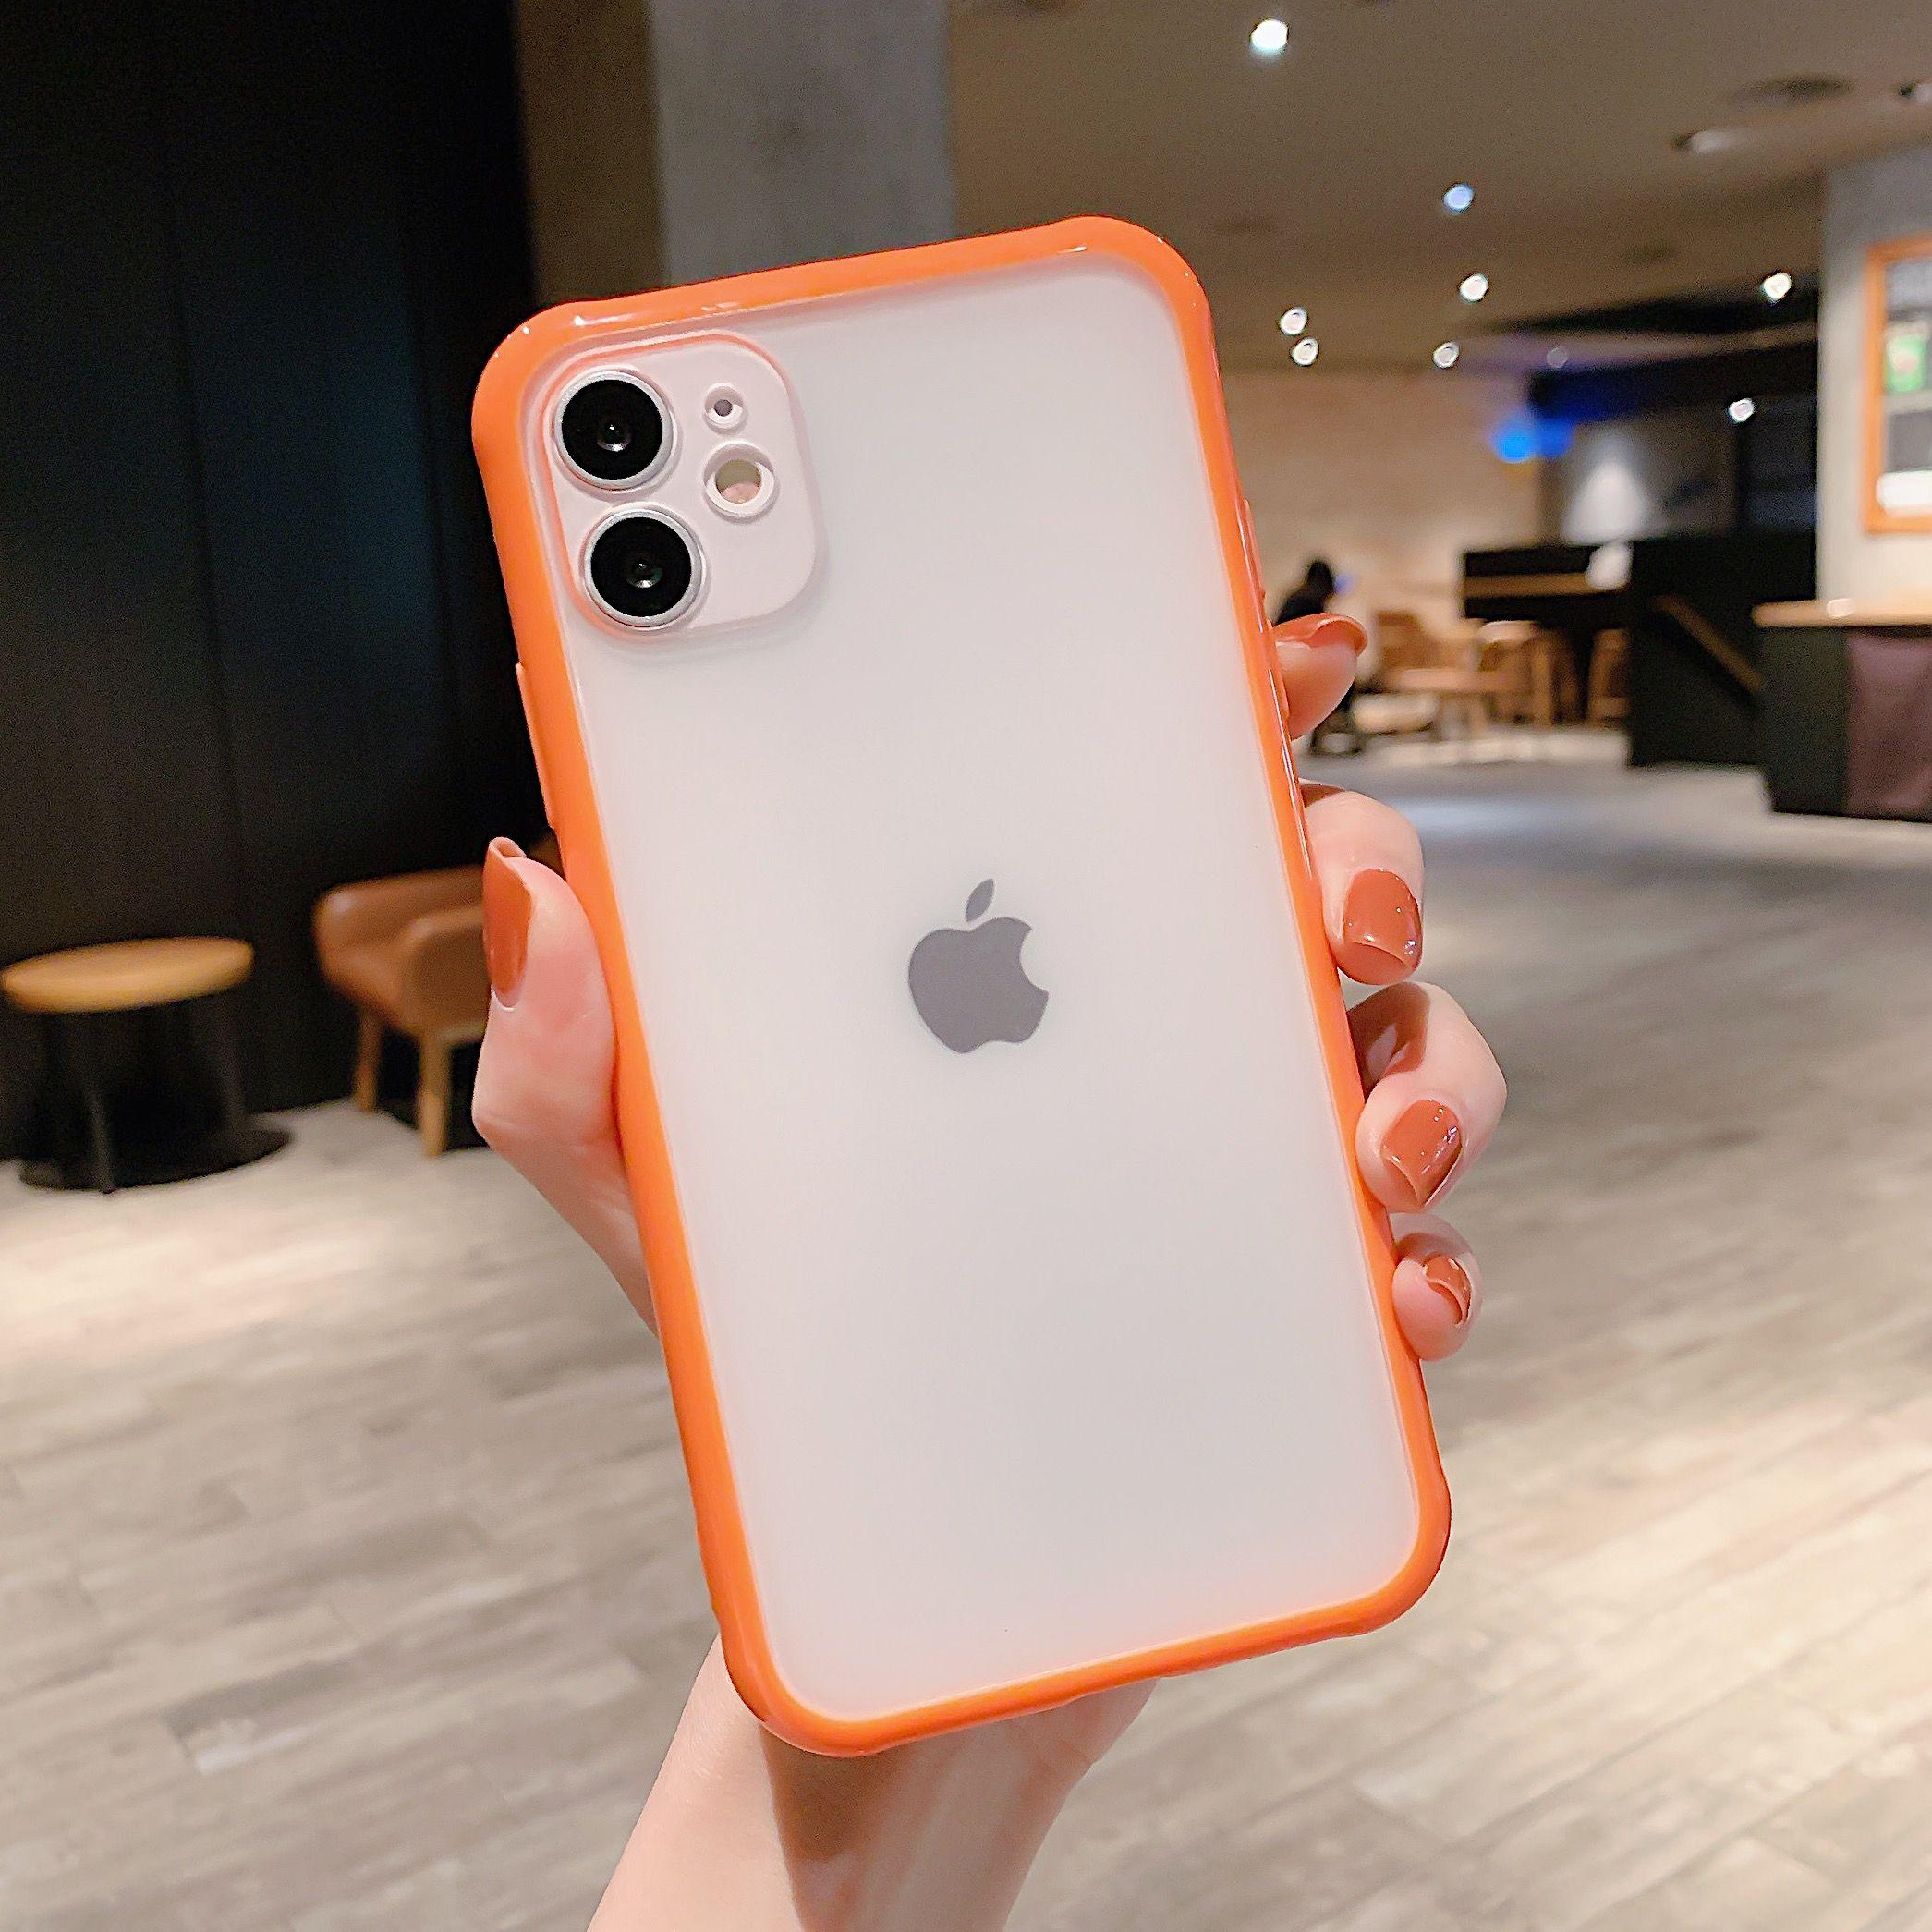 حافظة هاتف شفافة مضادة للصدمات لهاتف آيفون Se2 11 Pro X Xs Max Xr 6 6s 7 8 Plus حافظة حماية لو Transparent Phone Case Iphone Transparent Case Clear Iphone Case